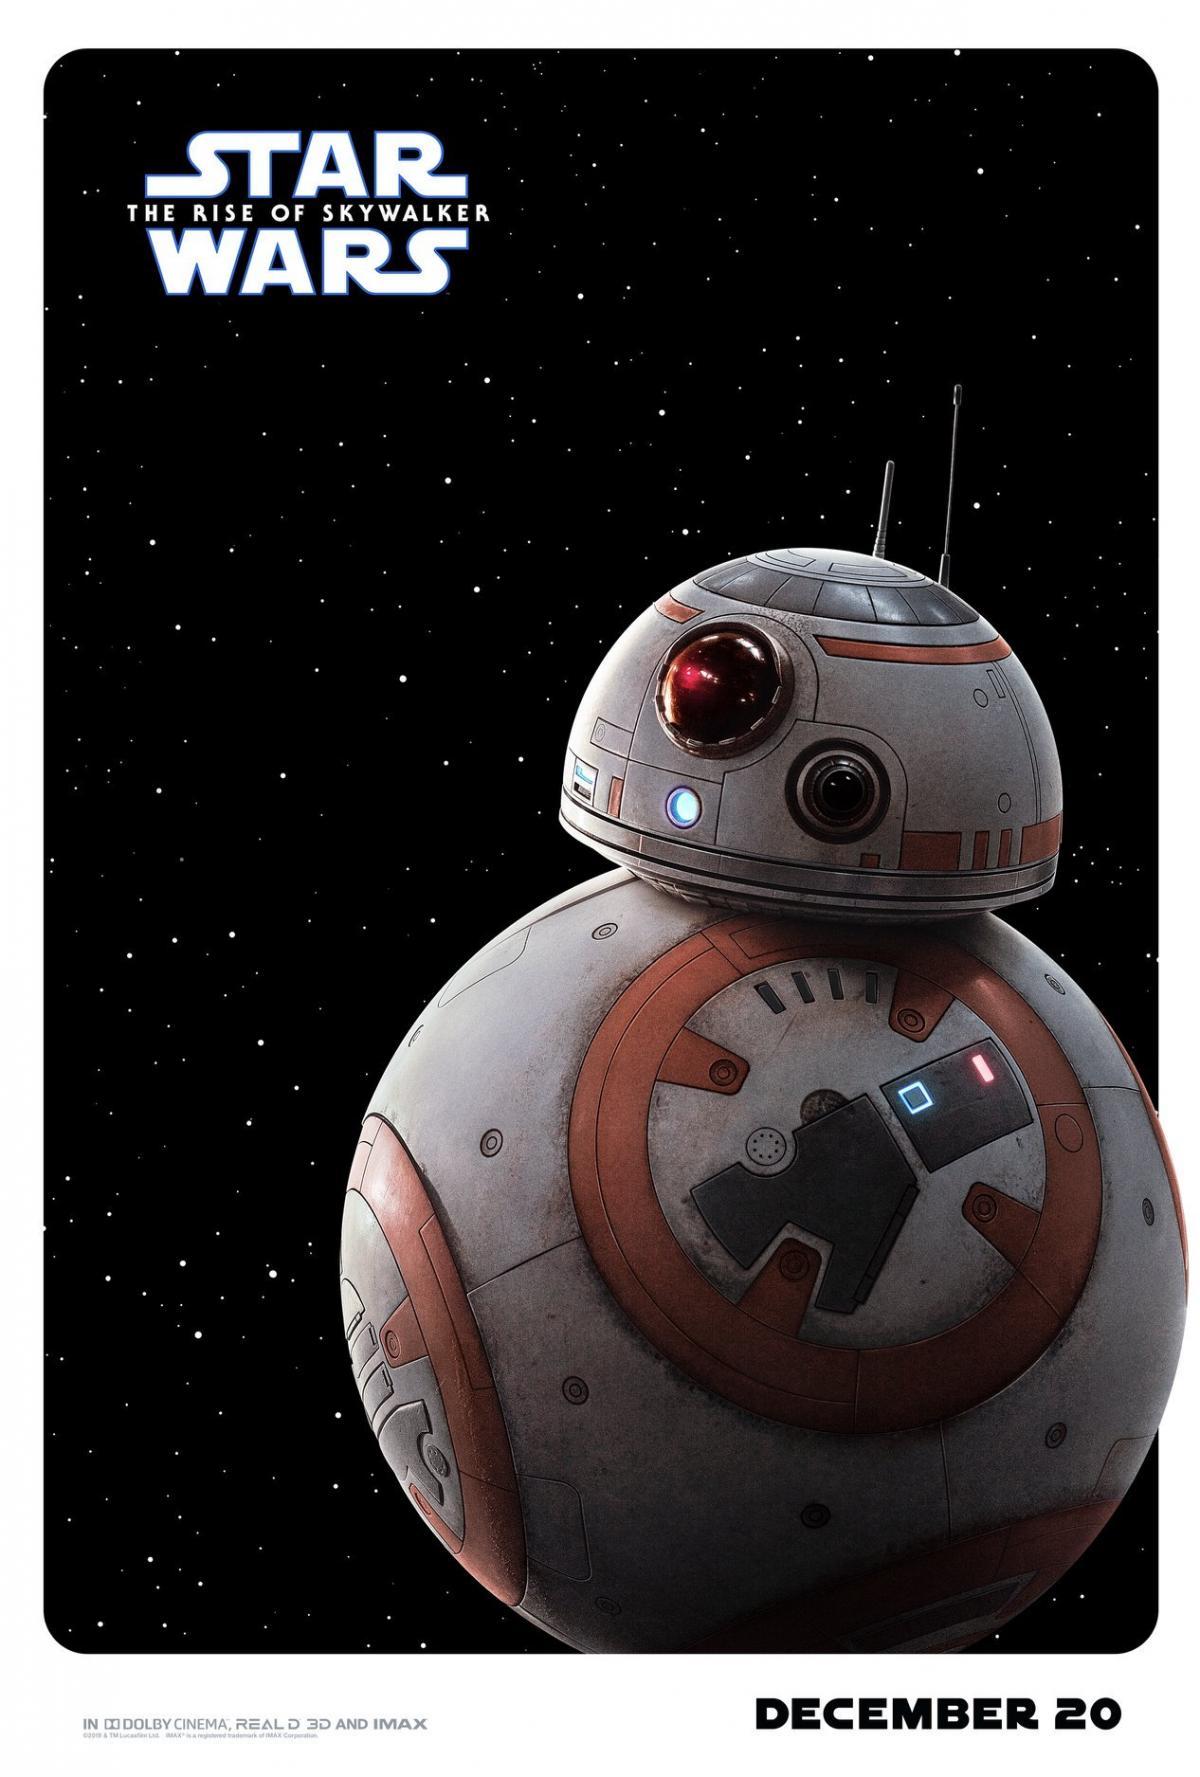 Нещодавно вийшов фінальний дубльований трейлер фільму / Star Wars, Facebook